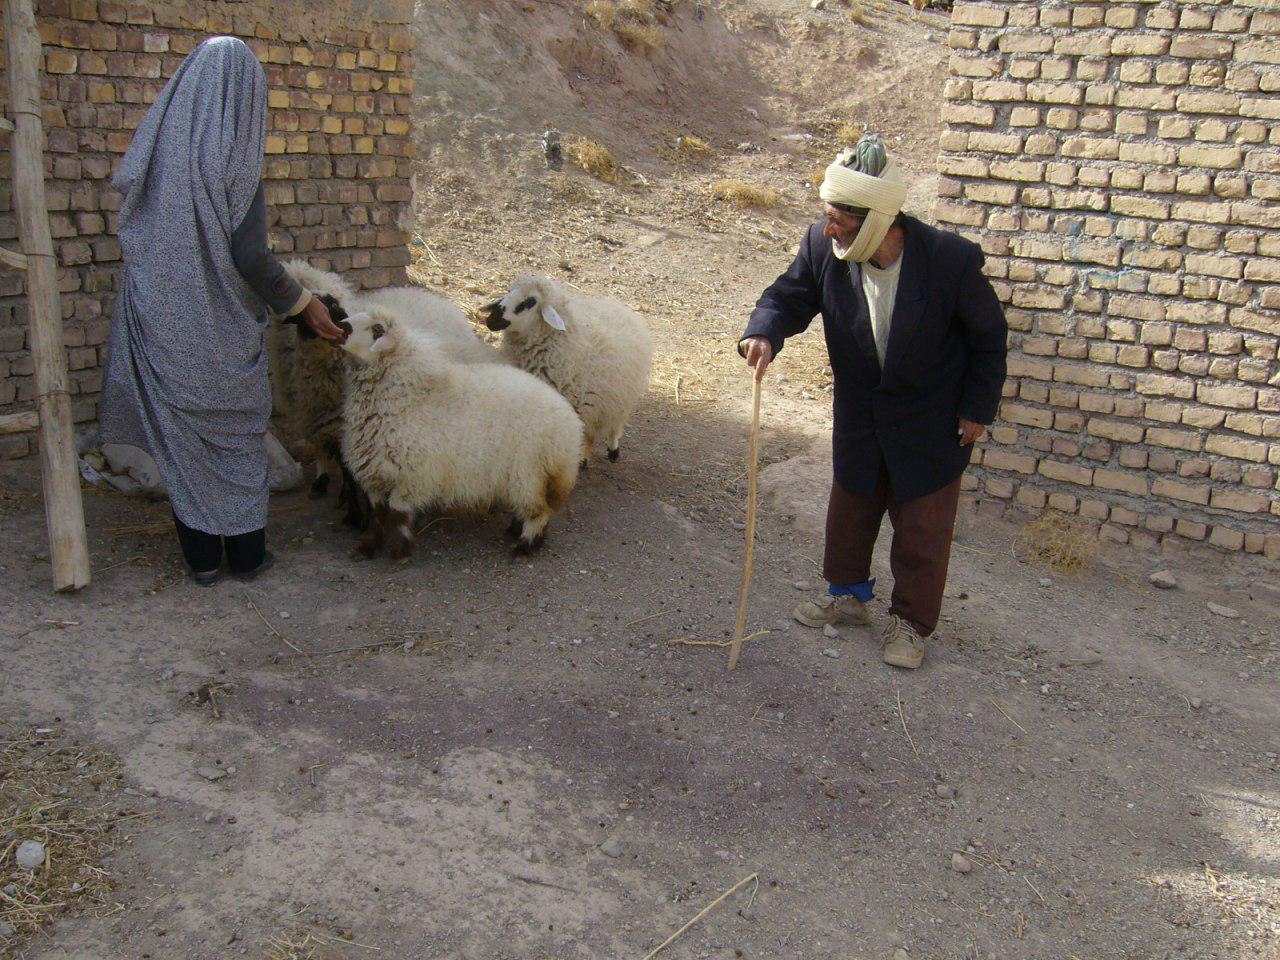 رمضان محسن زاده و همسرش درحال رسیدگی به گوسفندان